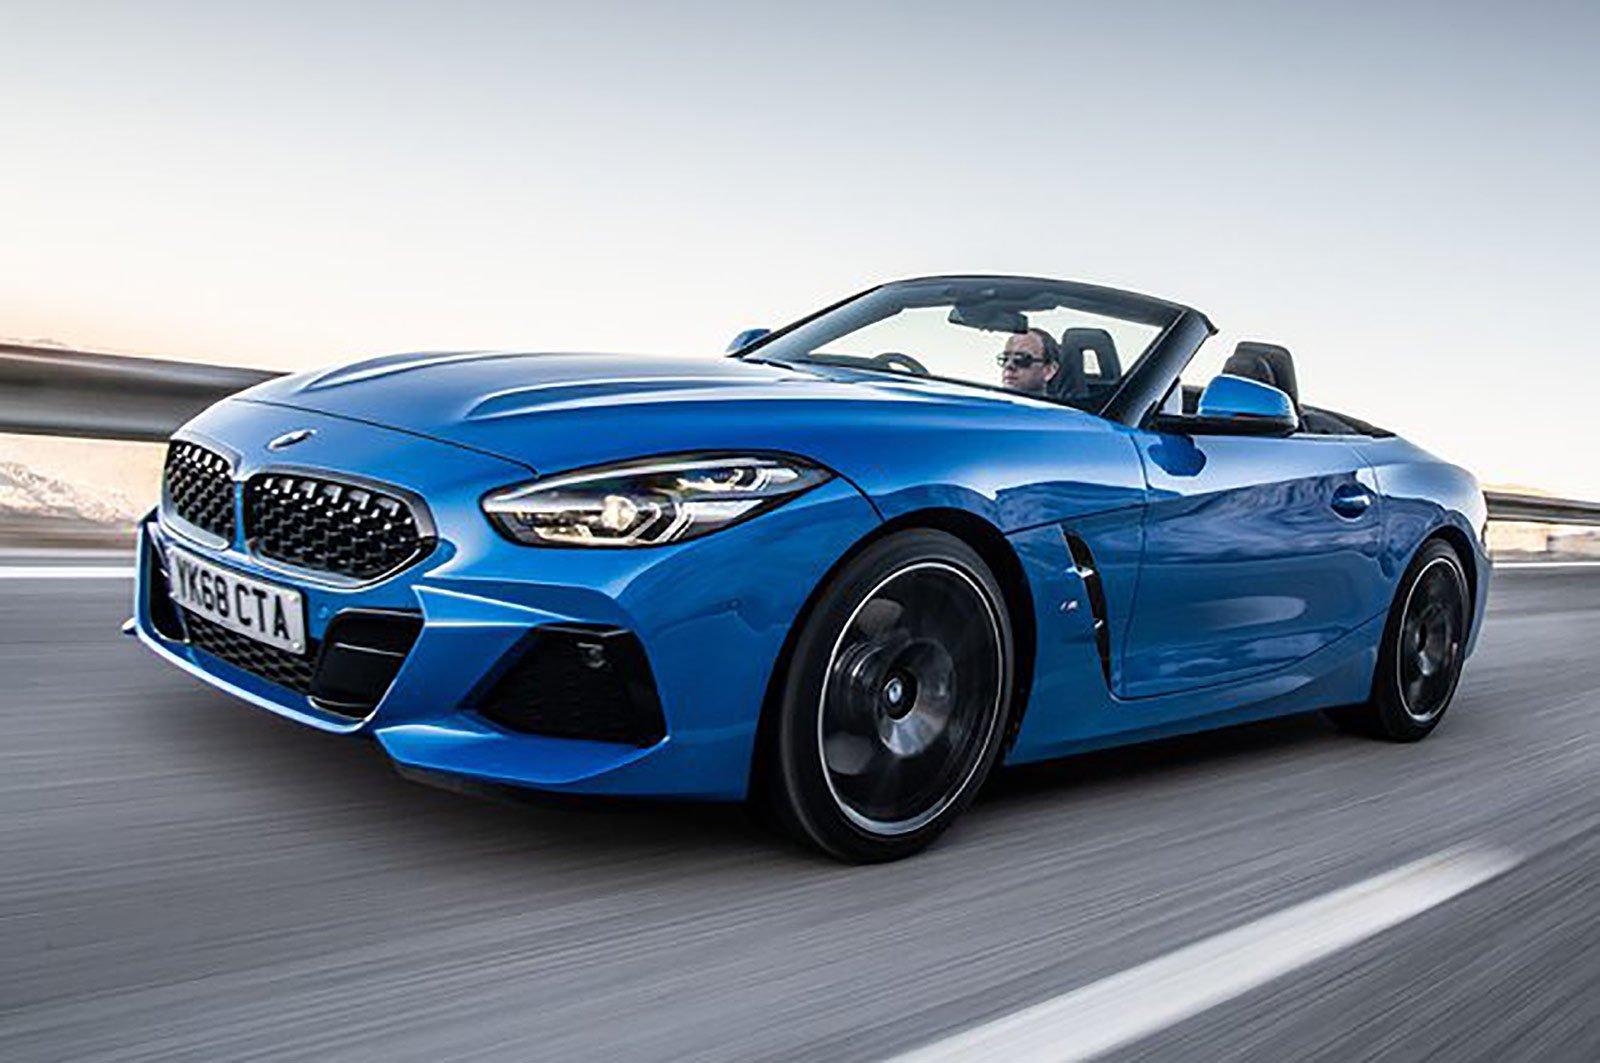 BMW Z4 front three quarters